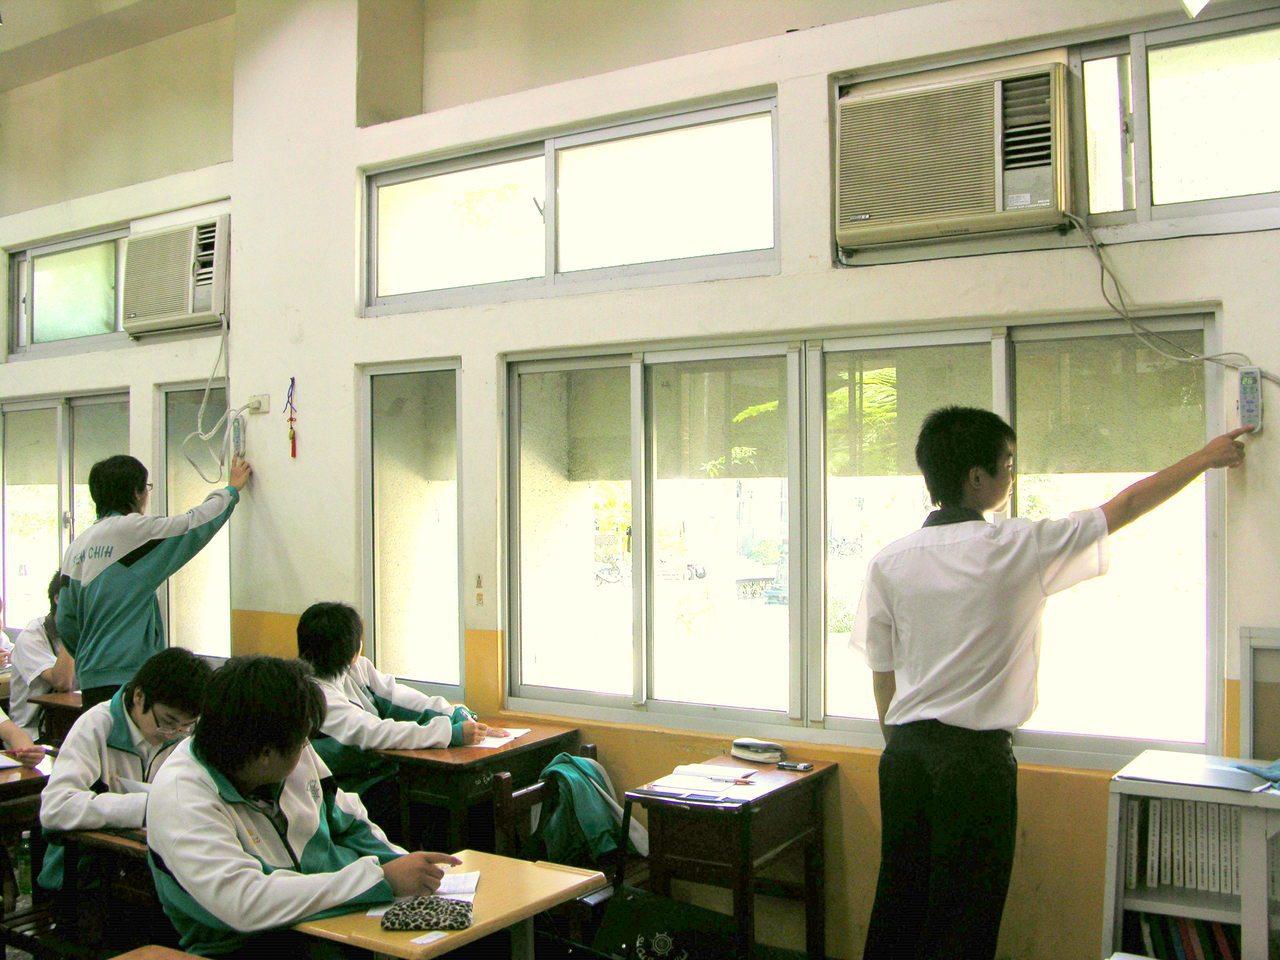 綠色公民行動聯盟秘書長崔愫欣表示,不反對加裝冷氣,但重點是校園要如何合理及聰明用...